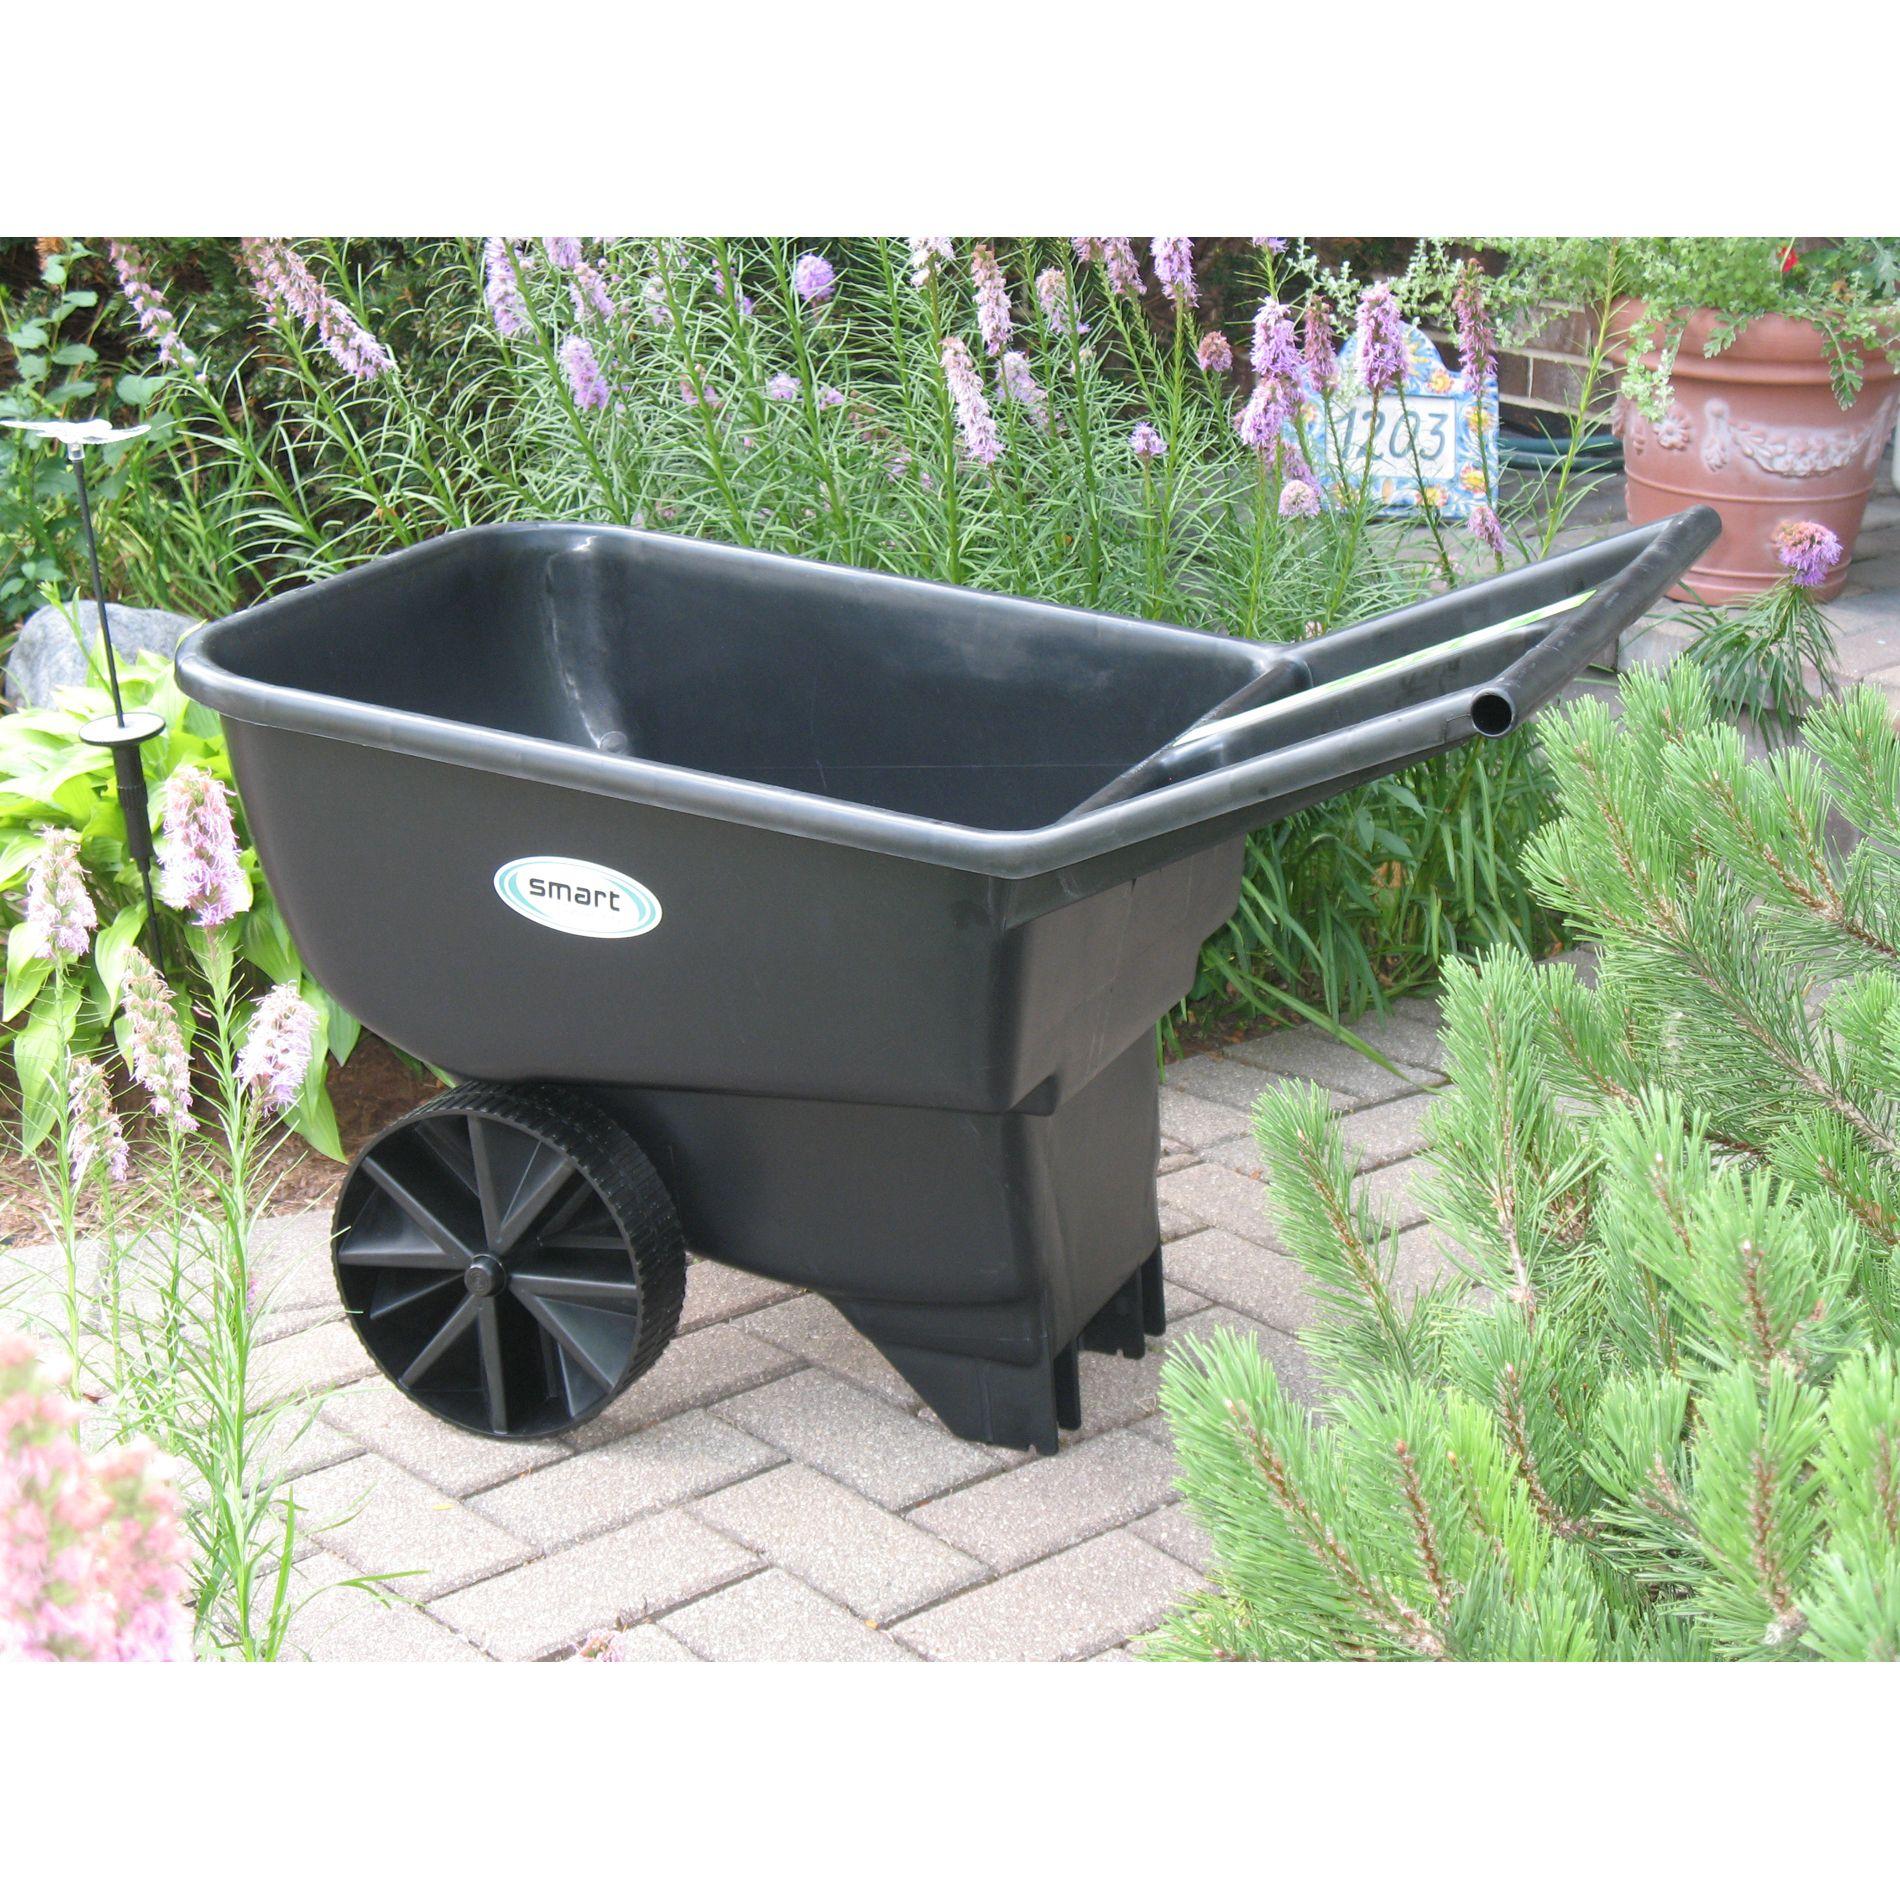 Smart Cart Lawn Cart